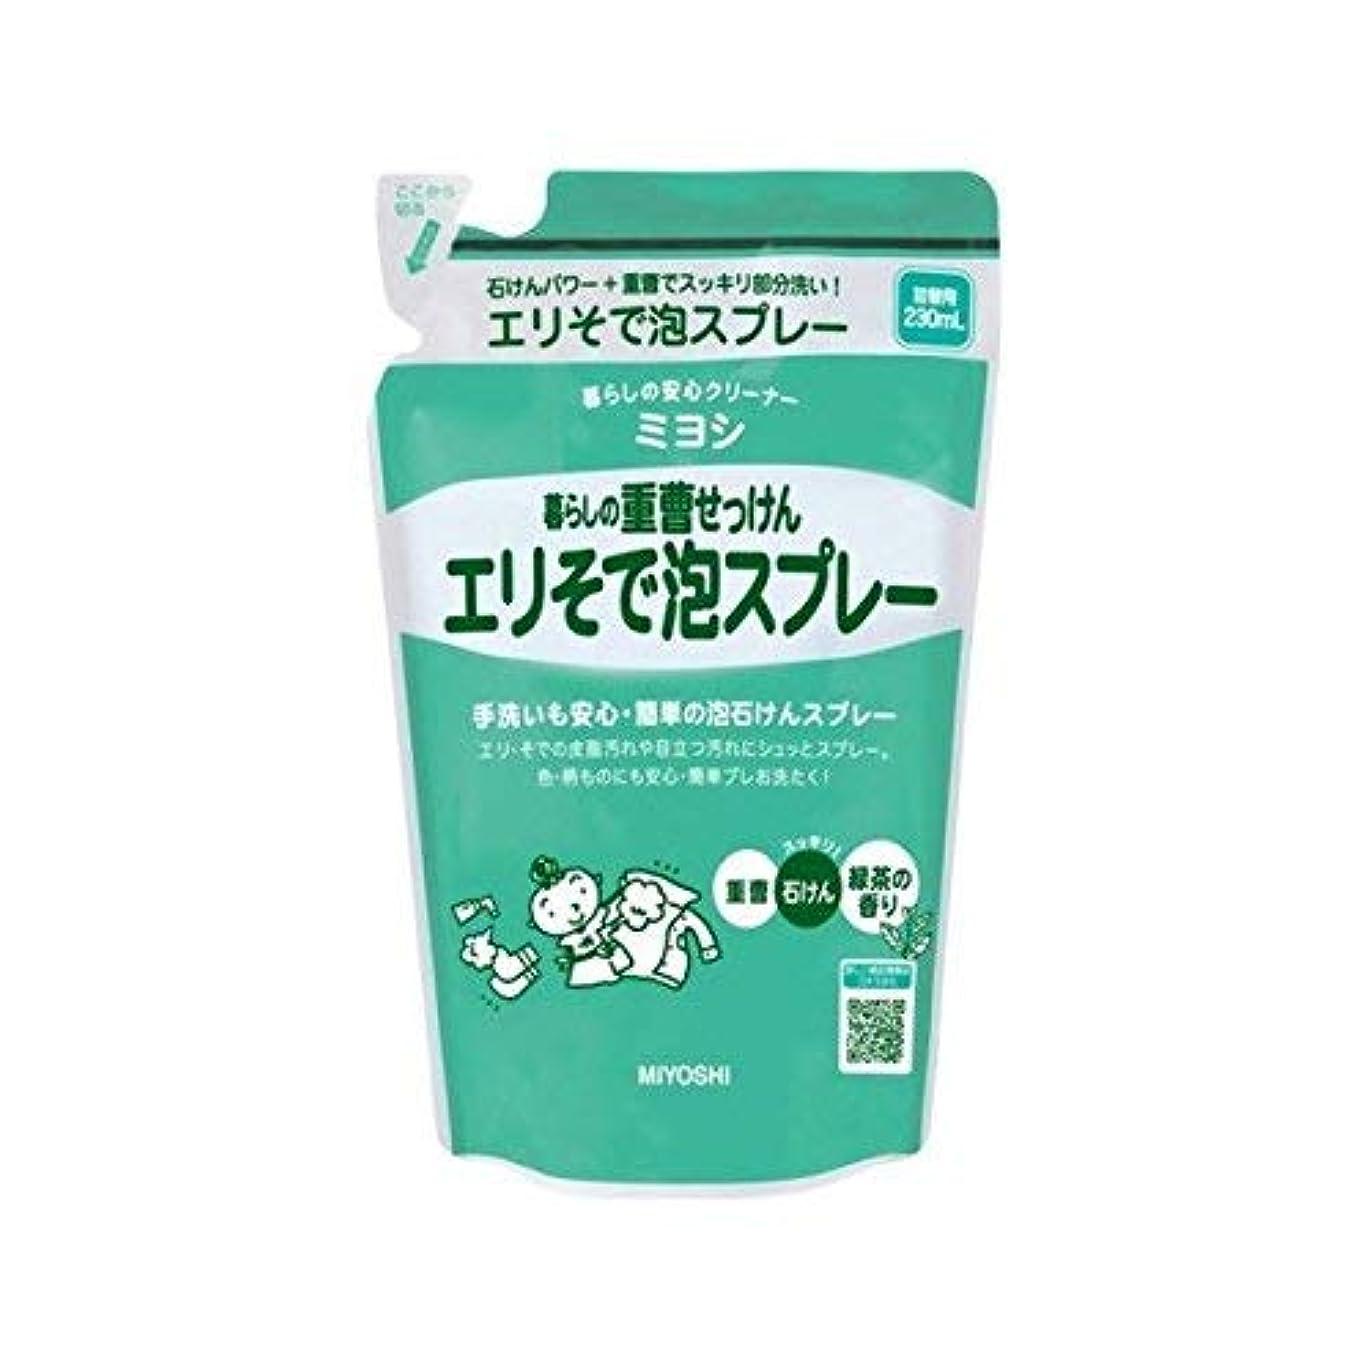 乞食なぜなら海藻【まとめ買い】ミヨシ石鹸 暮らしの重曹せっけん エリそで泡スプレー 詰替 230mL ミヨシ石鹸 ×8個